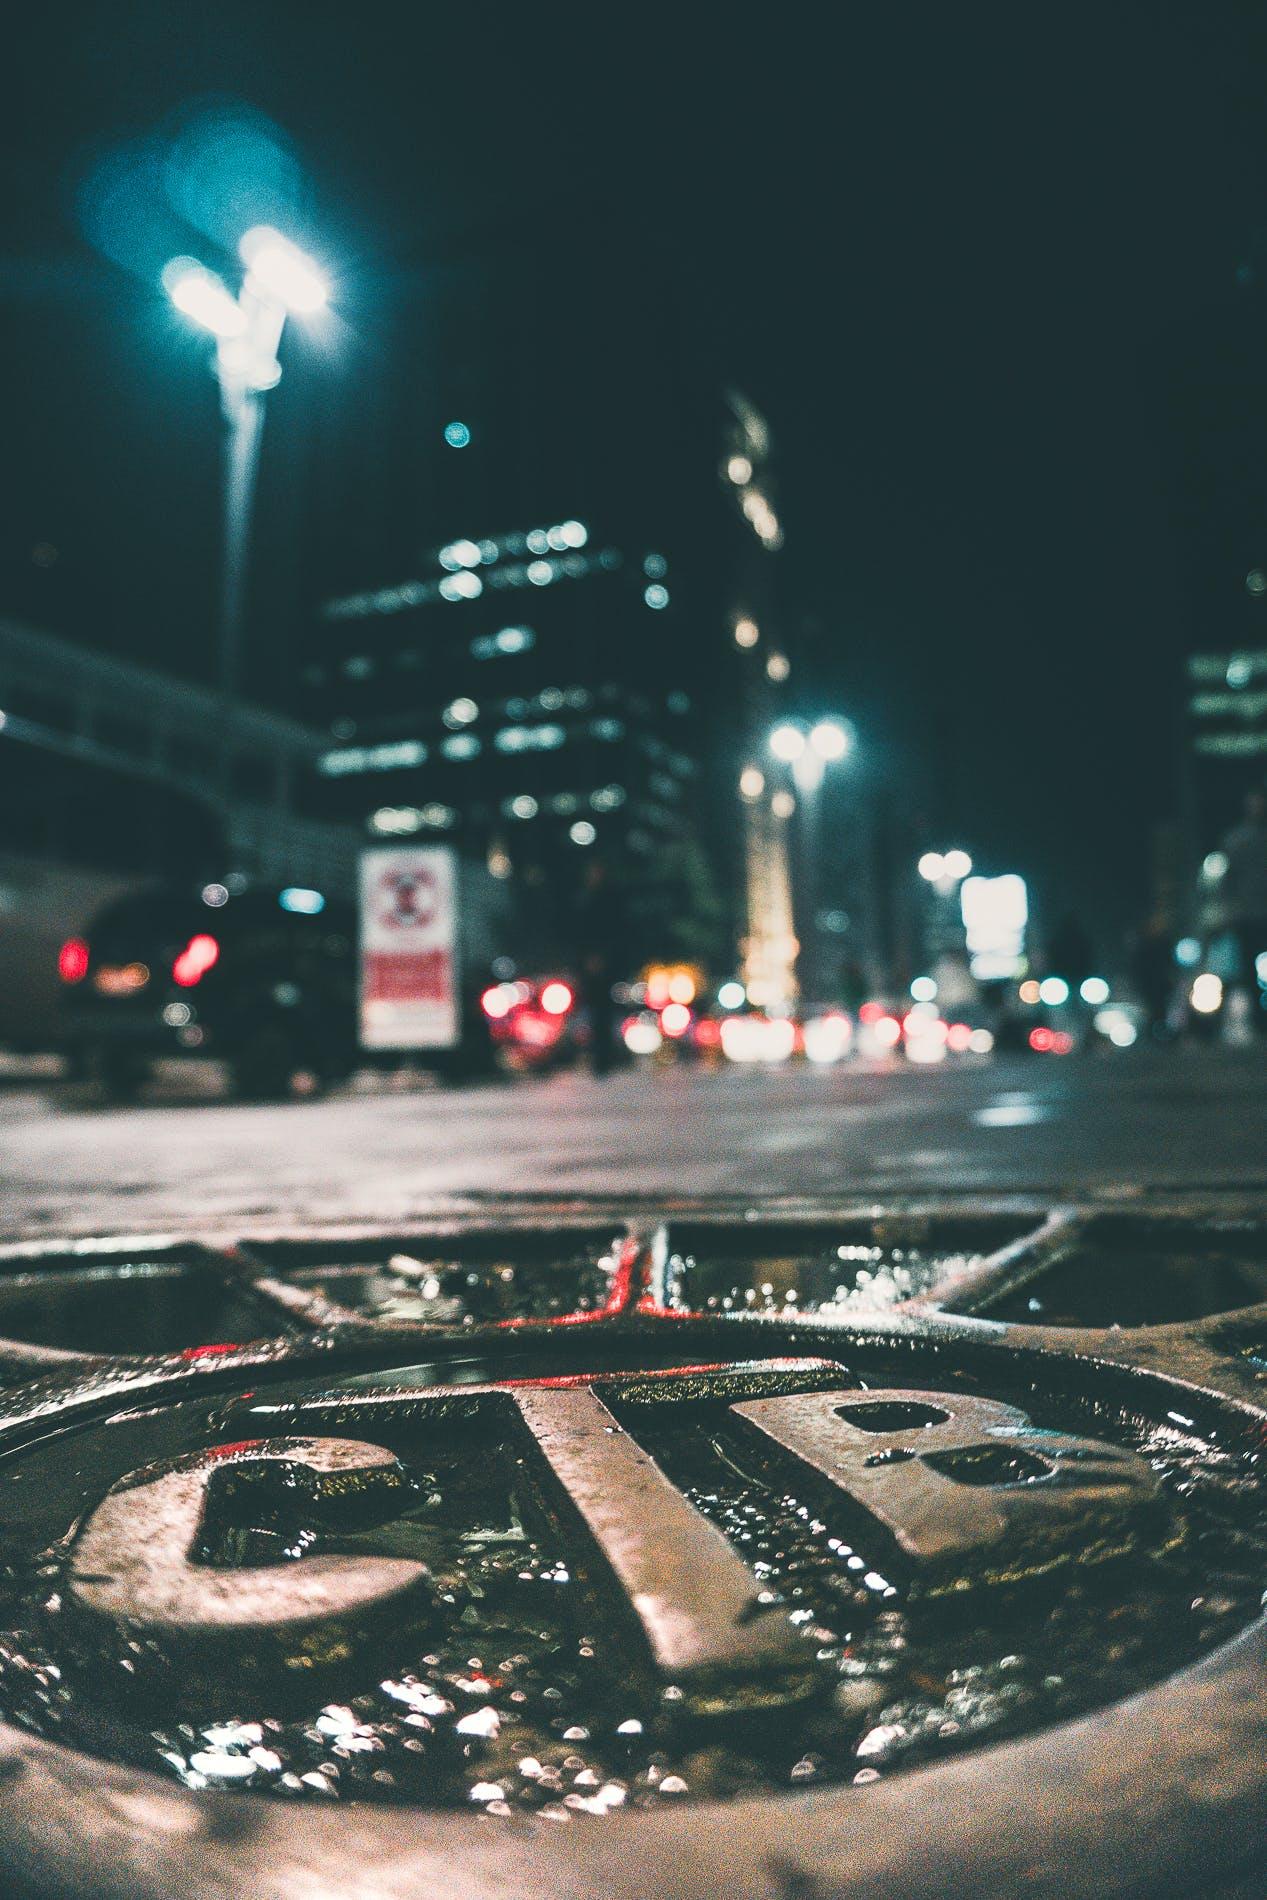 Kostenloses Stock Foto zu abend, dunkel, fahrzeuge, gebäude